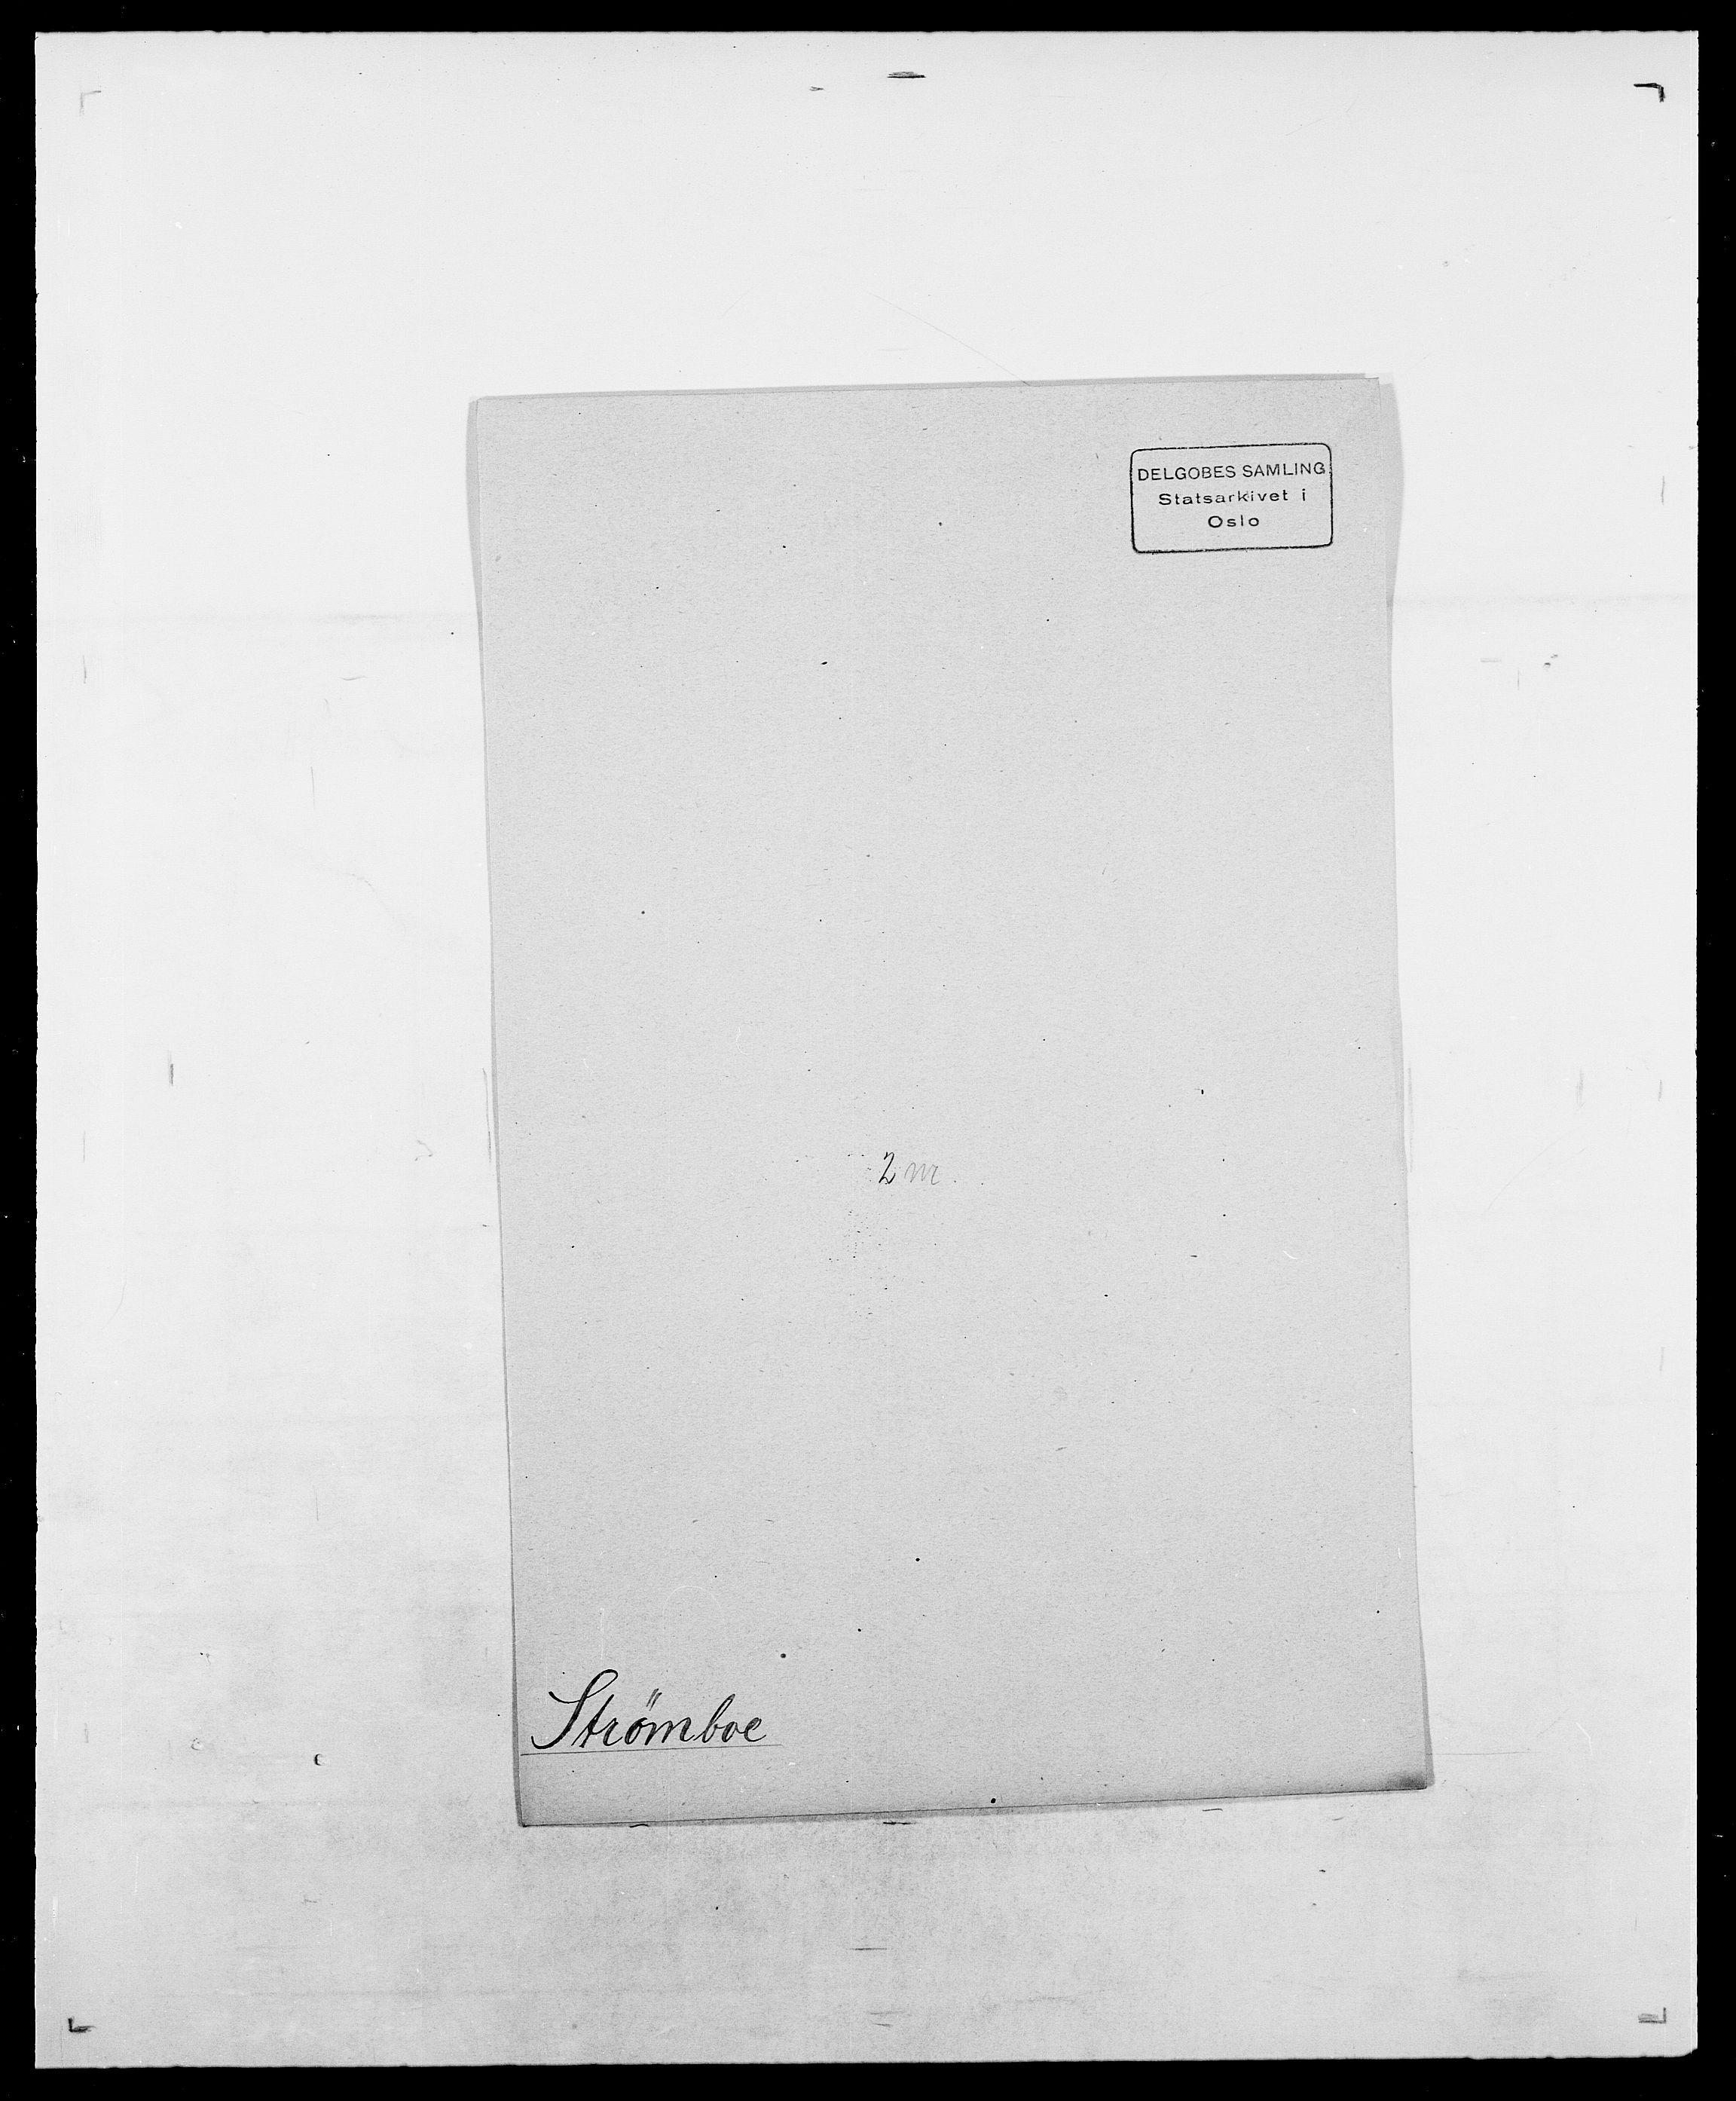 SAO, Delgobe, Charles Antoine - samling, D/Da/L0037: Steen, Sthen, Stein - Svare, Svanige, Svanne, se også Svanning og Schwane, s. 700